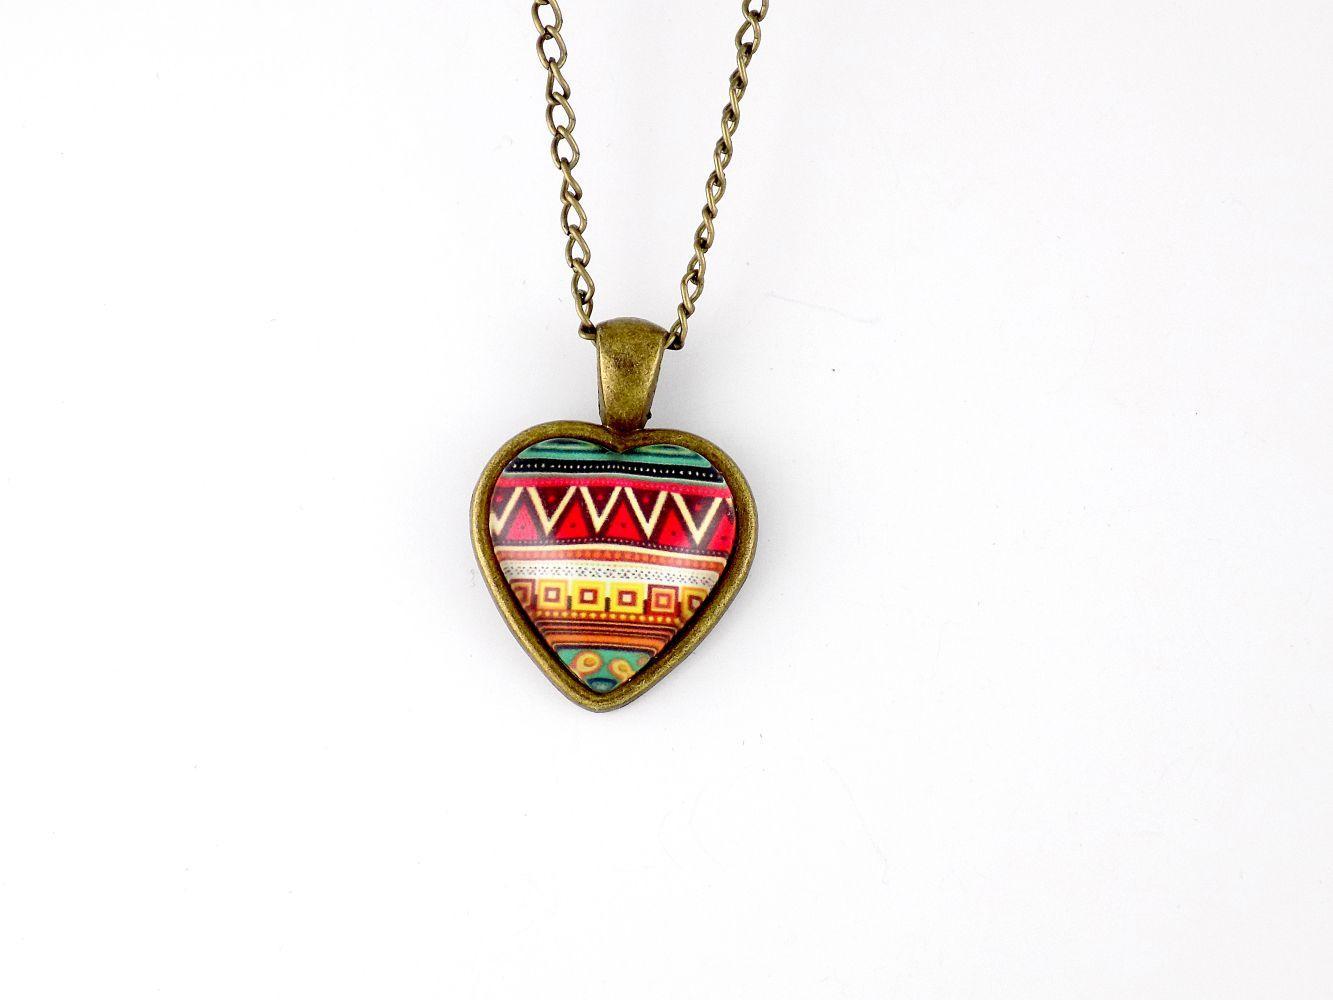 گردنبند رومانتویی طرح قلب رزینی با زنجیر 37 سانتی دولا pr-ma115 از نمای نزدیک